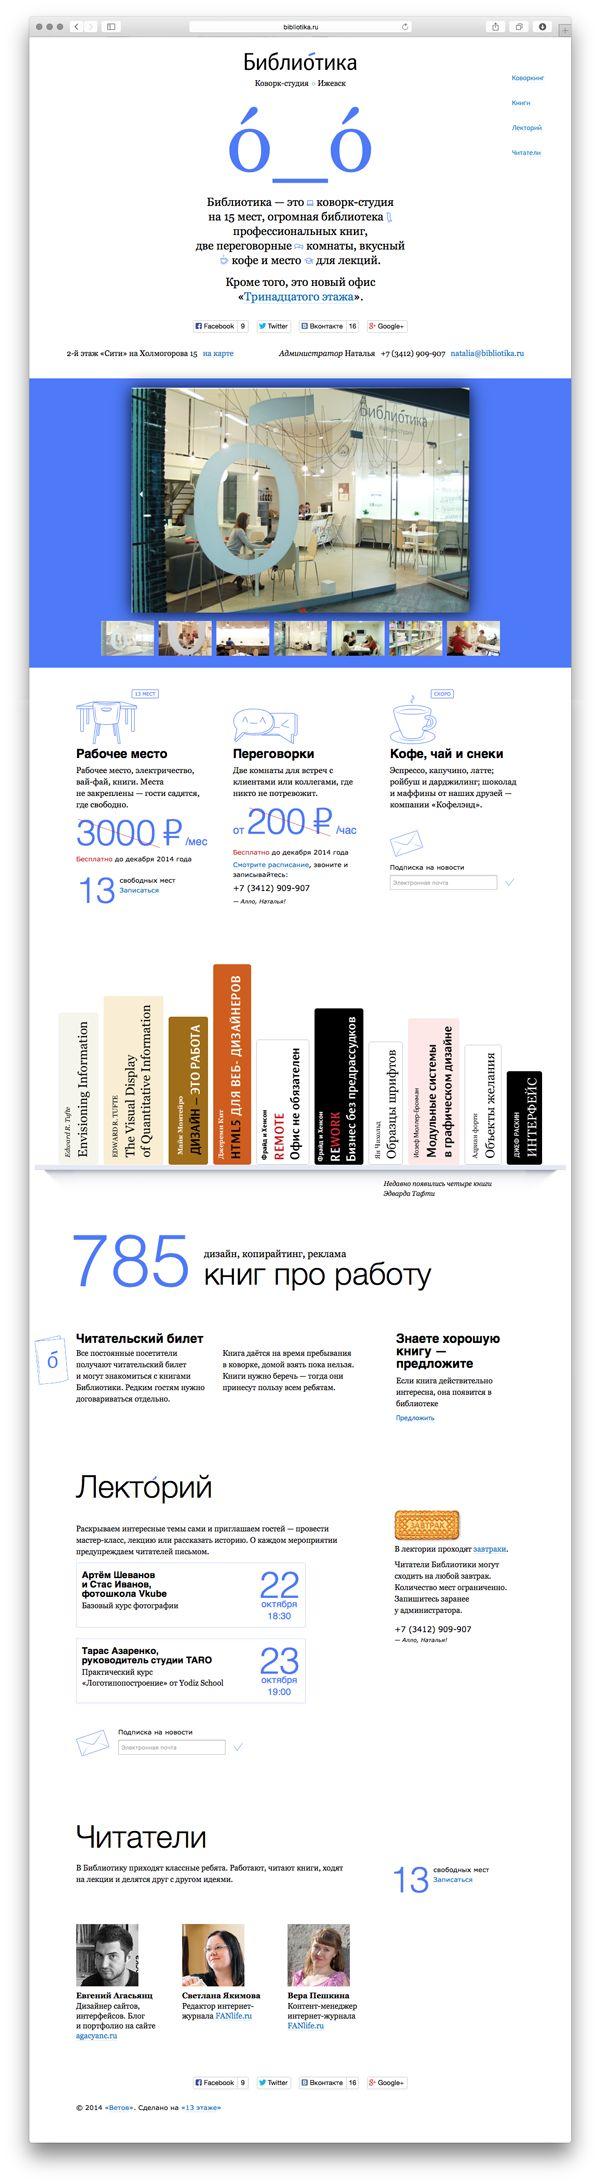 Страница Библиотики